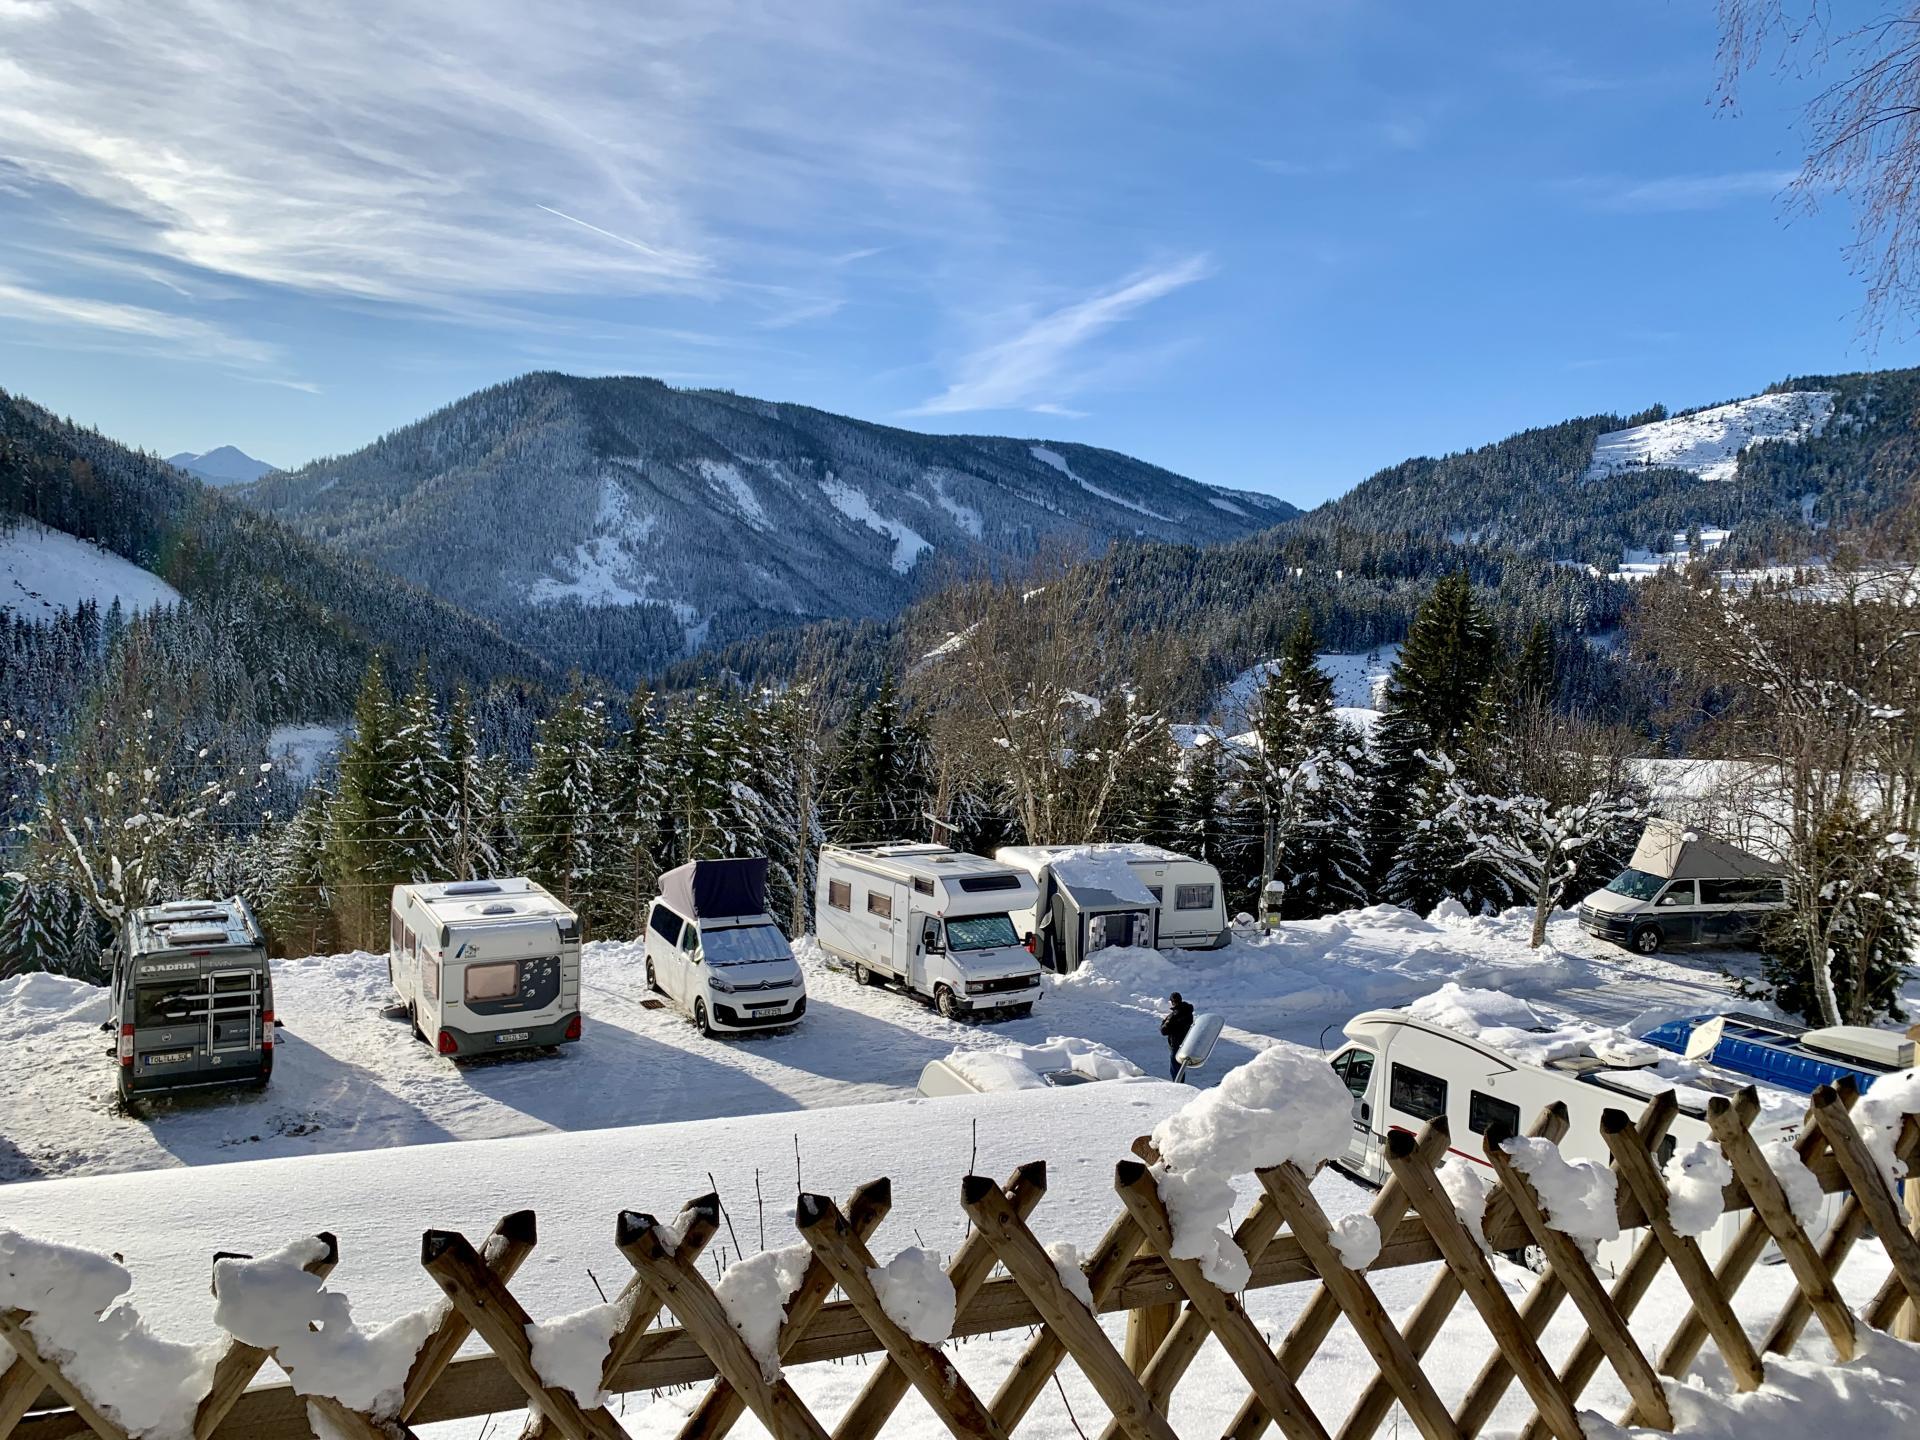 Camping Dachstein und Pension Gsenger #Willkommen#Camping